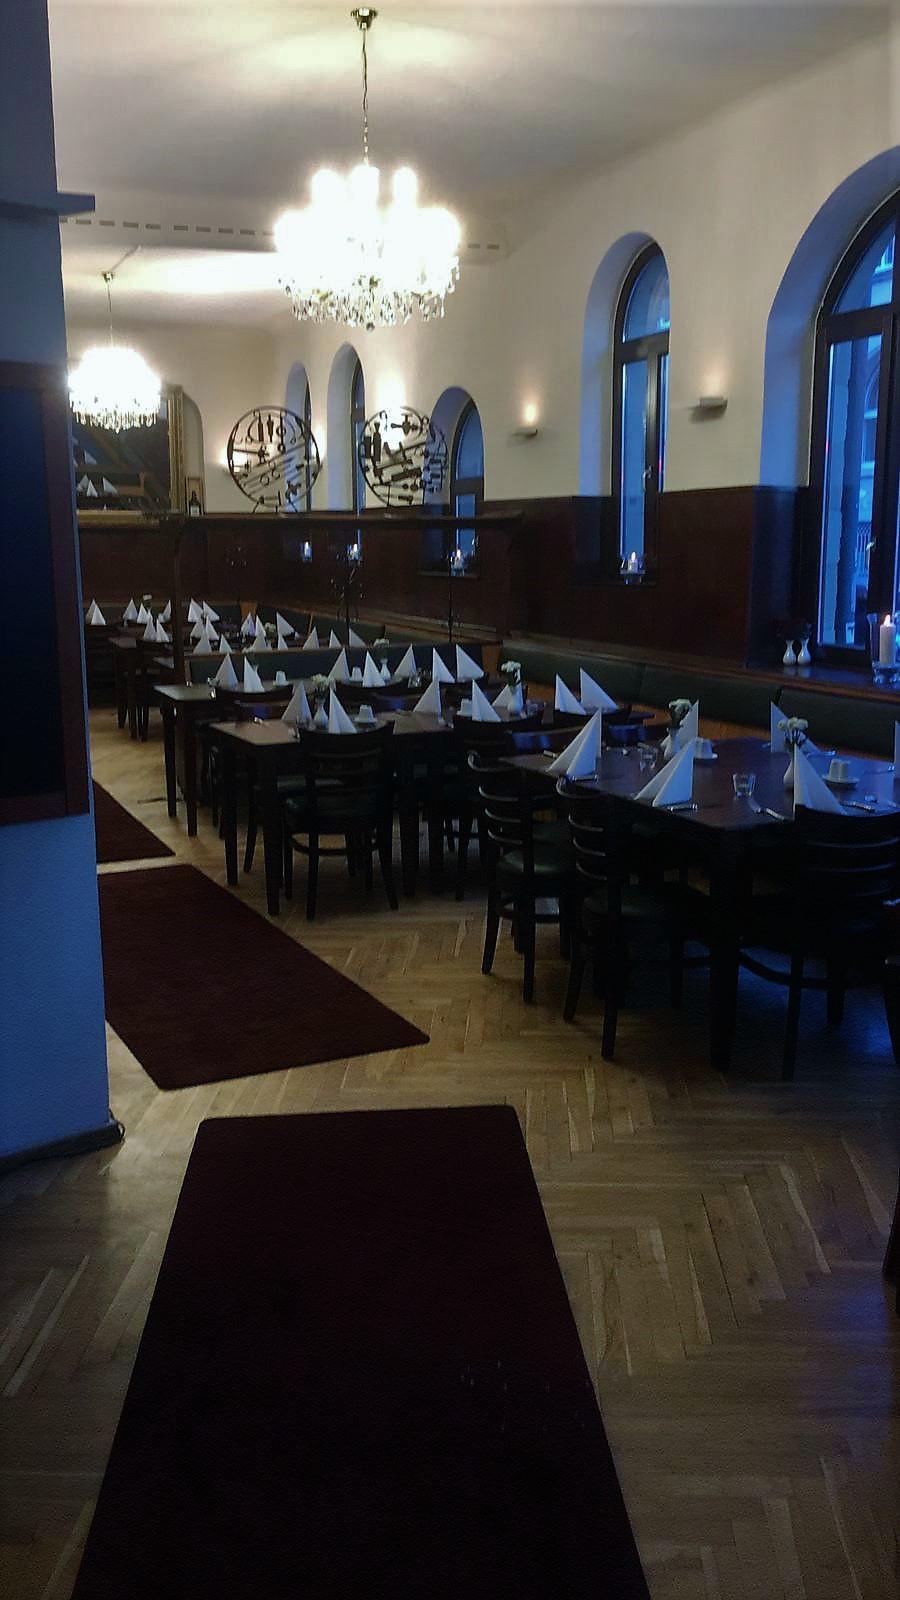 Murrhardter hof galerie for Murrhardter hof stuttgart